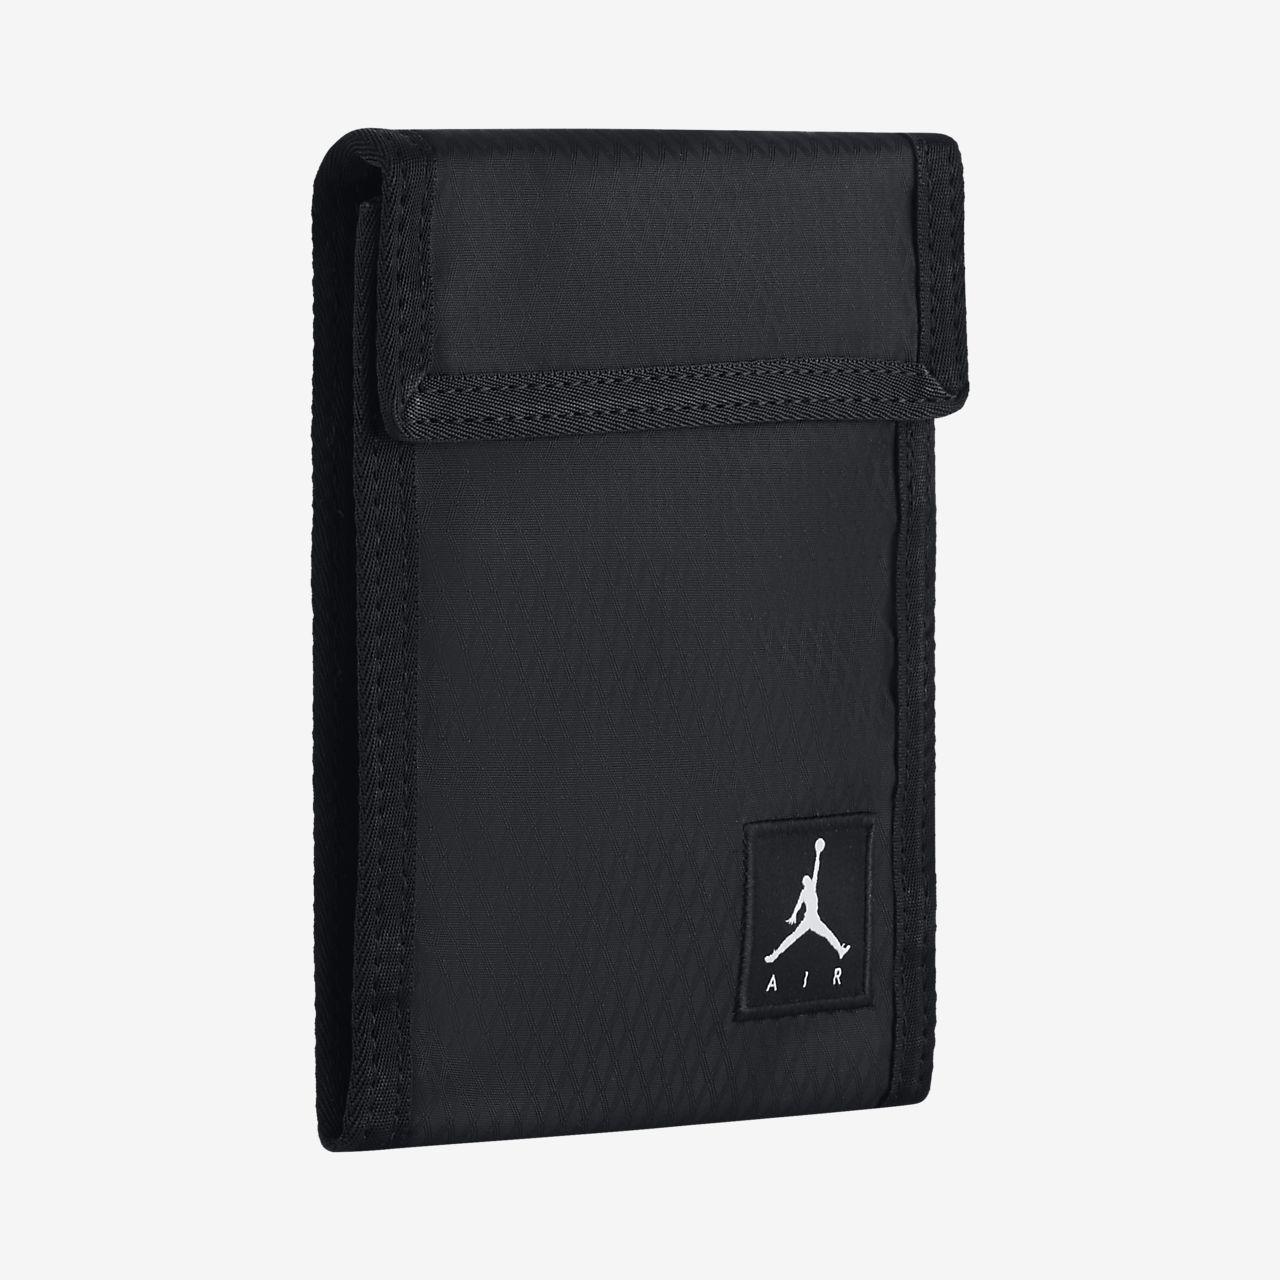 Τσάντα λαιμού Jordan (για μικροαντικείμενα)